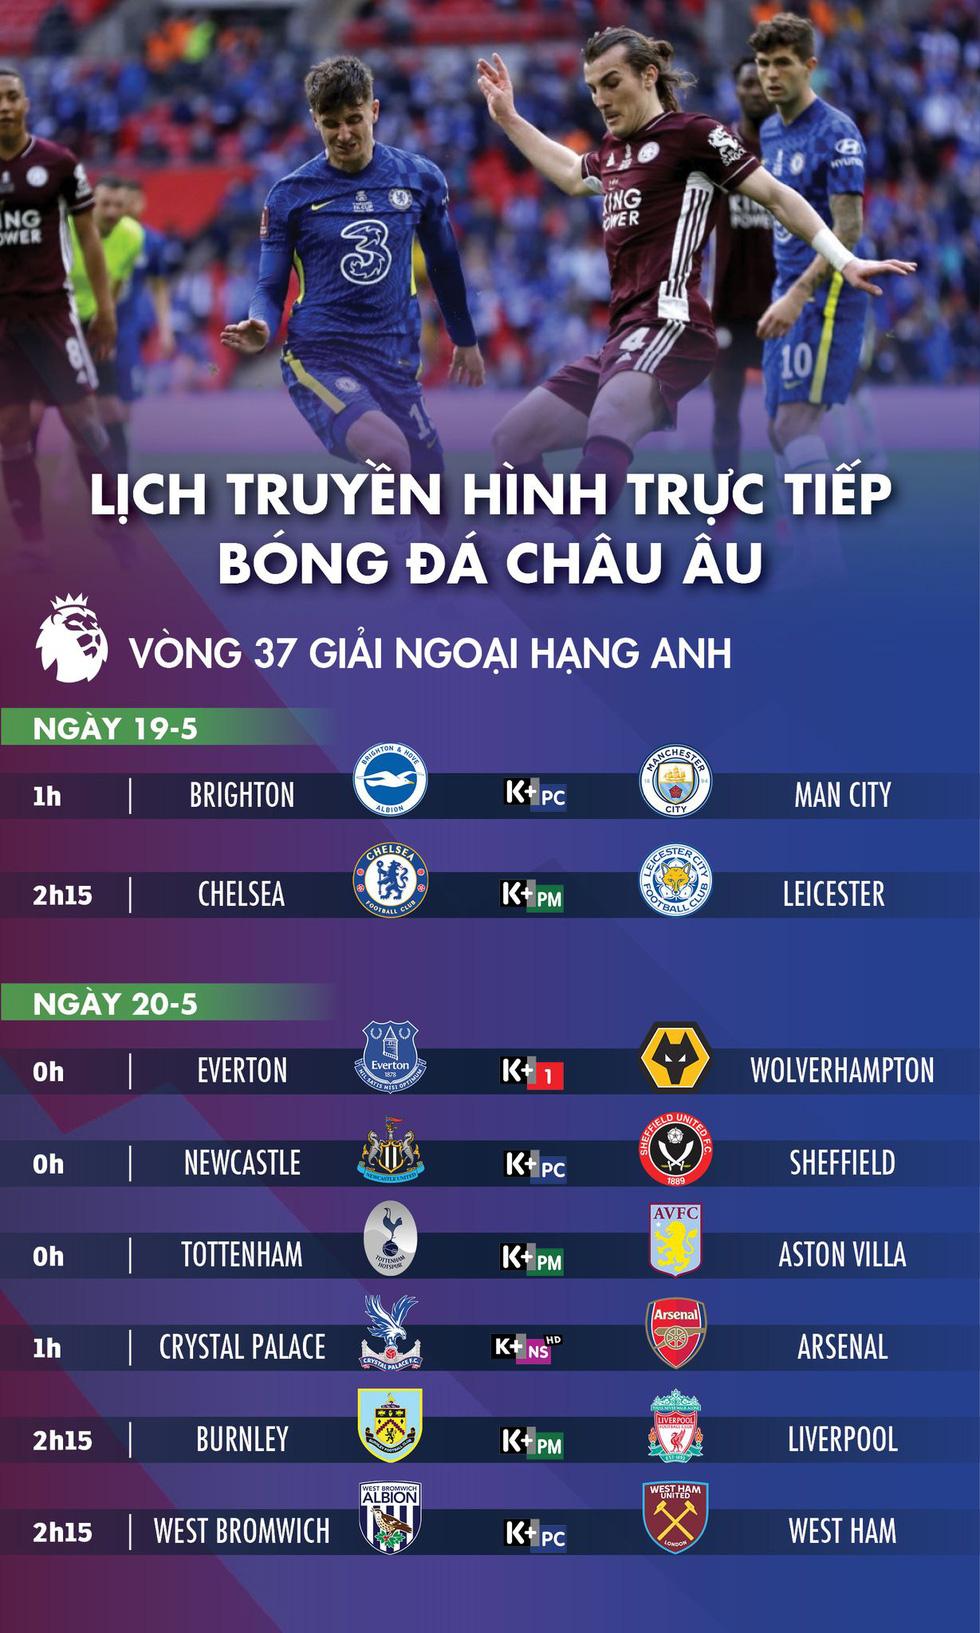 Lịch trực tiếp Premier League ngày 19 và 20-5: Nóng cuộc đua top 4 - Ảnh 1.